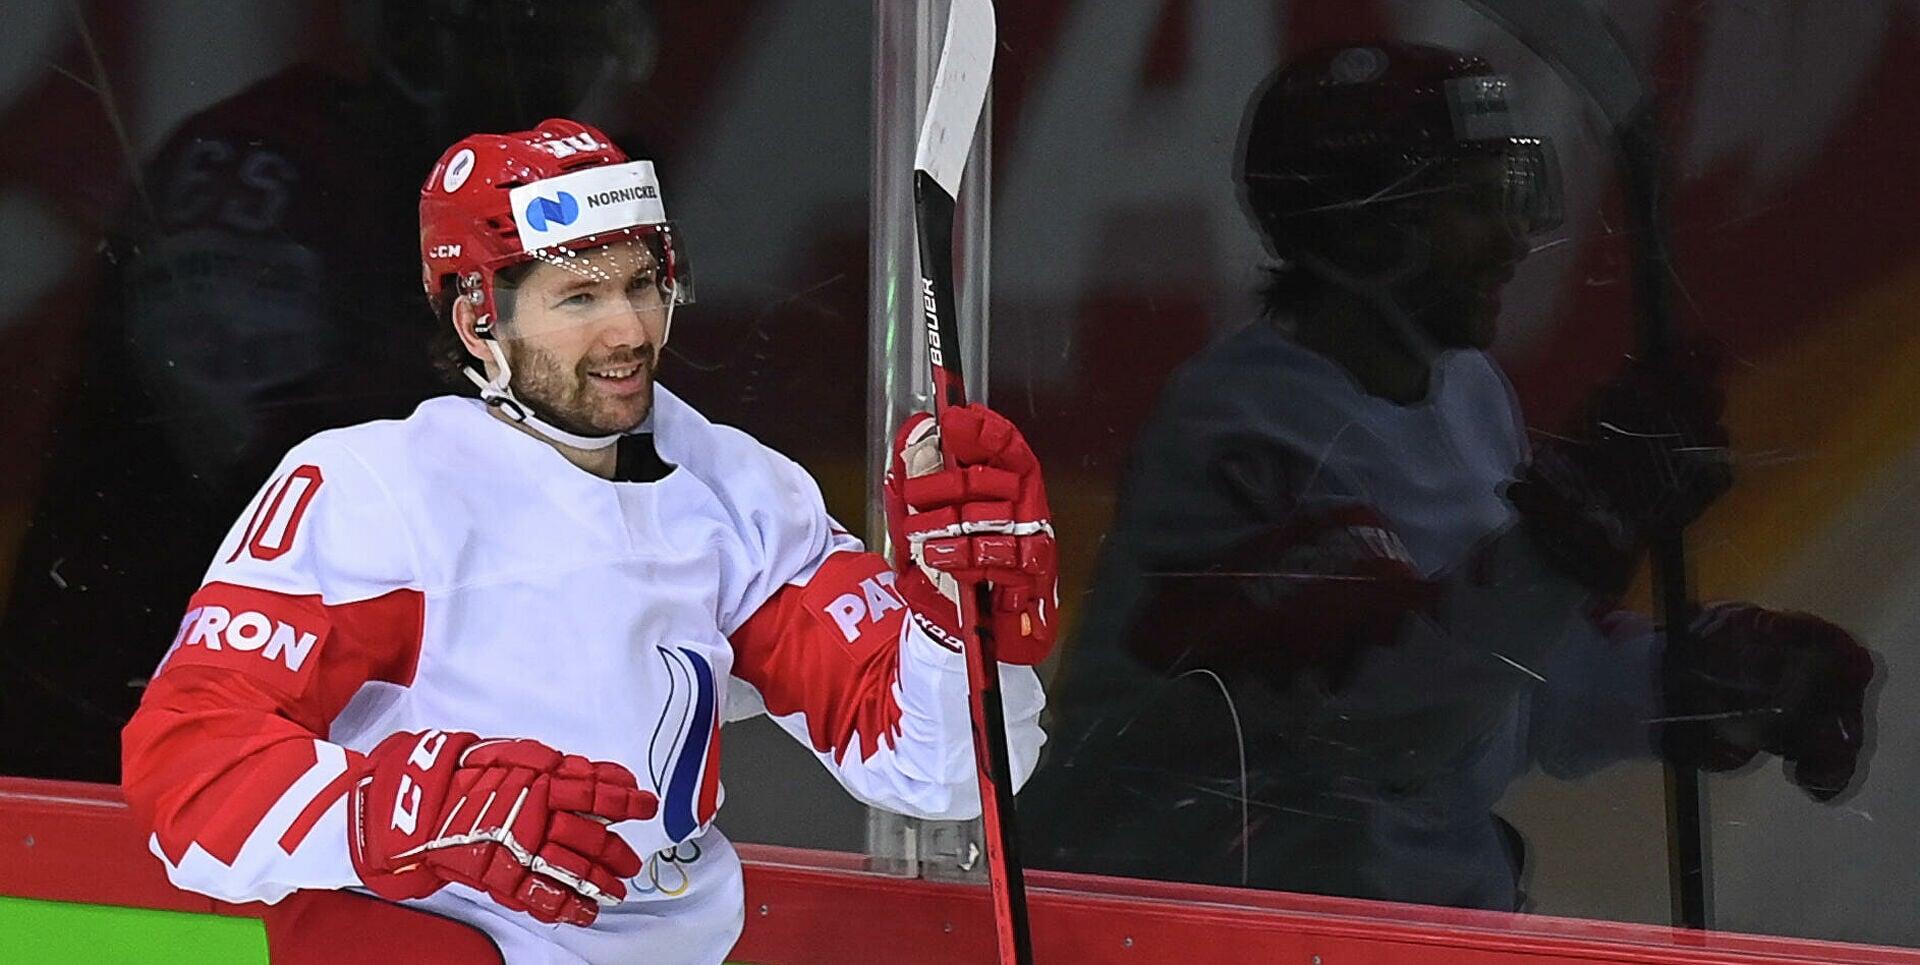 Сергей Толчинский: «Все говорили, что Канада – худшая команда на ЧМ, а в итоге она выиграла золото»